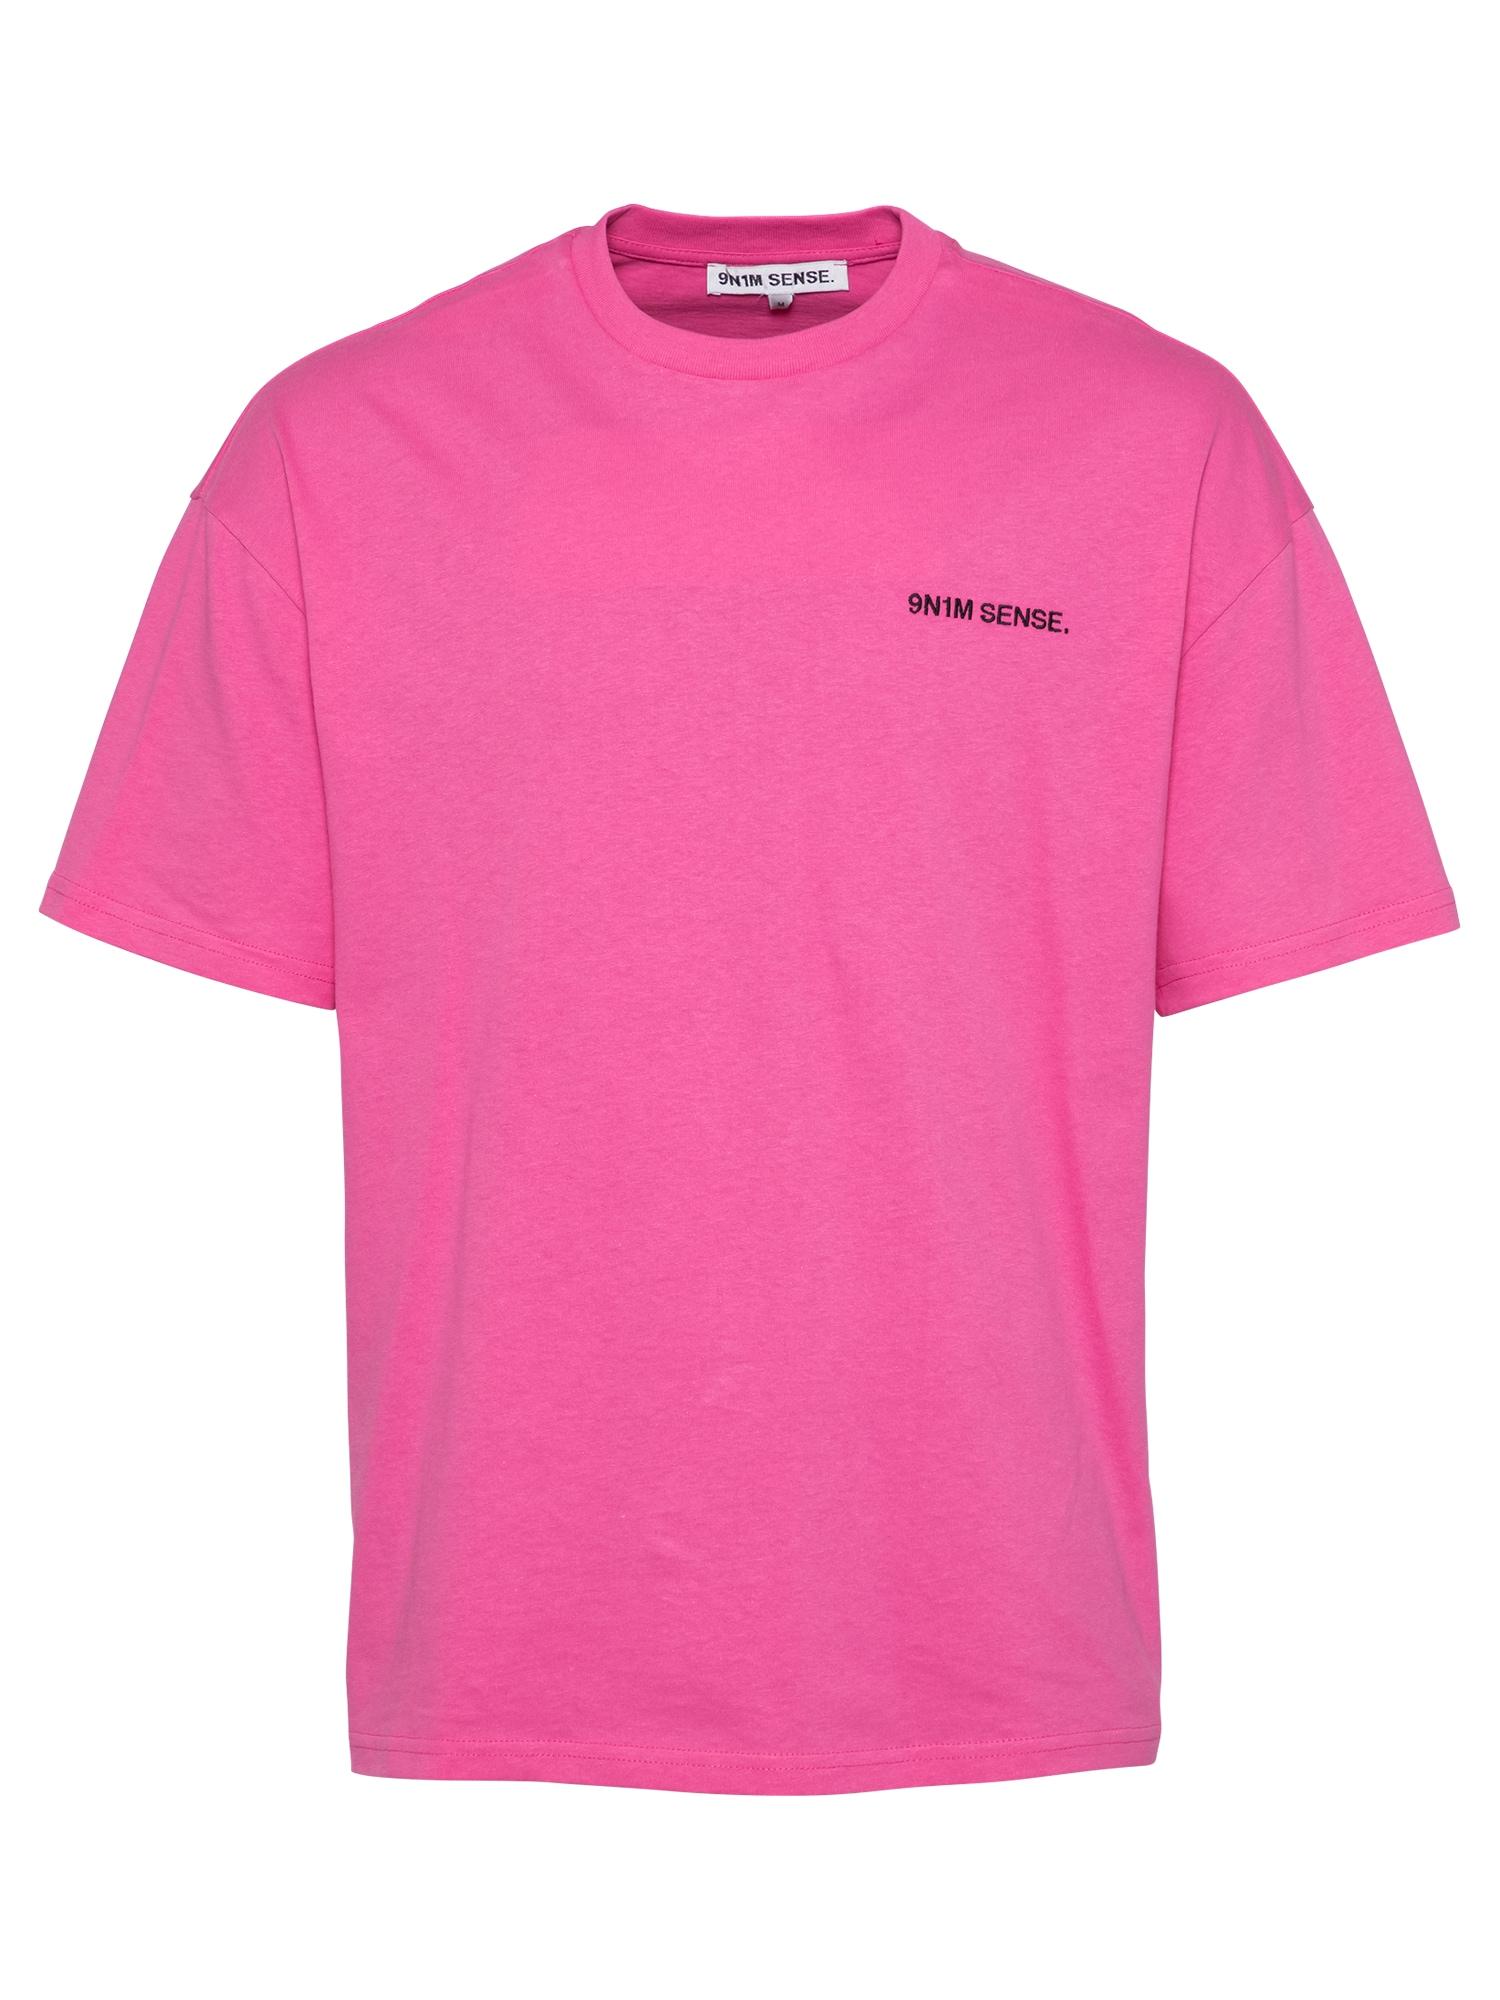 9N1M SENSE Marškinėliai rožinė / juoda